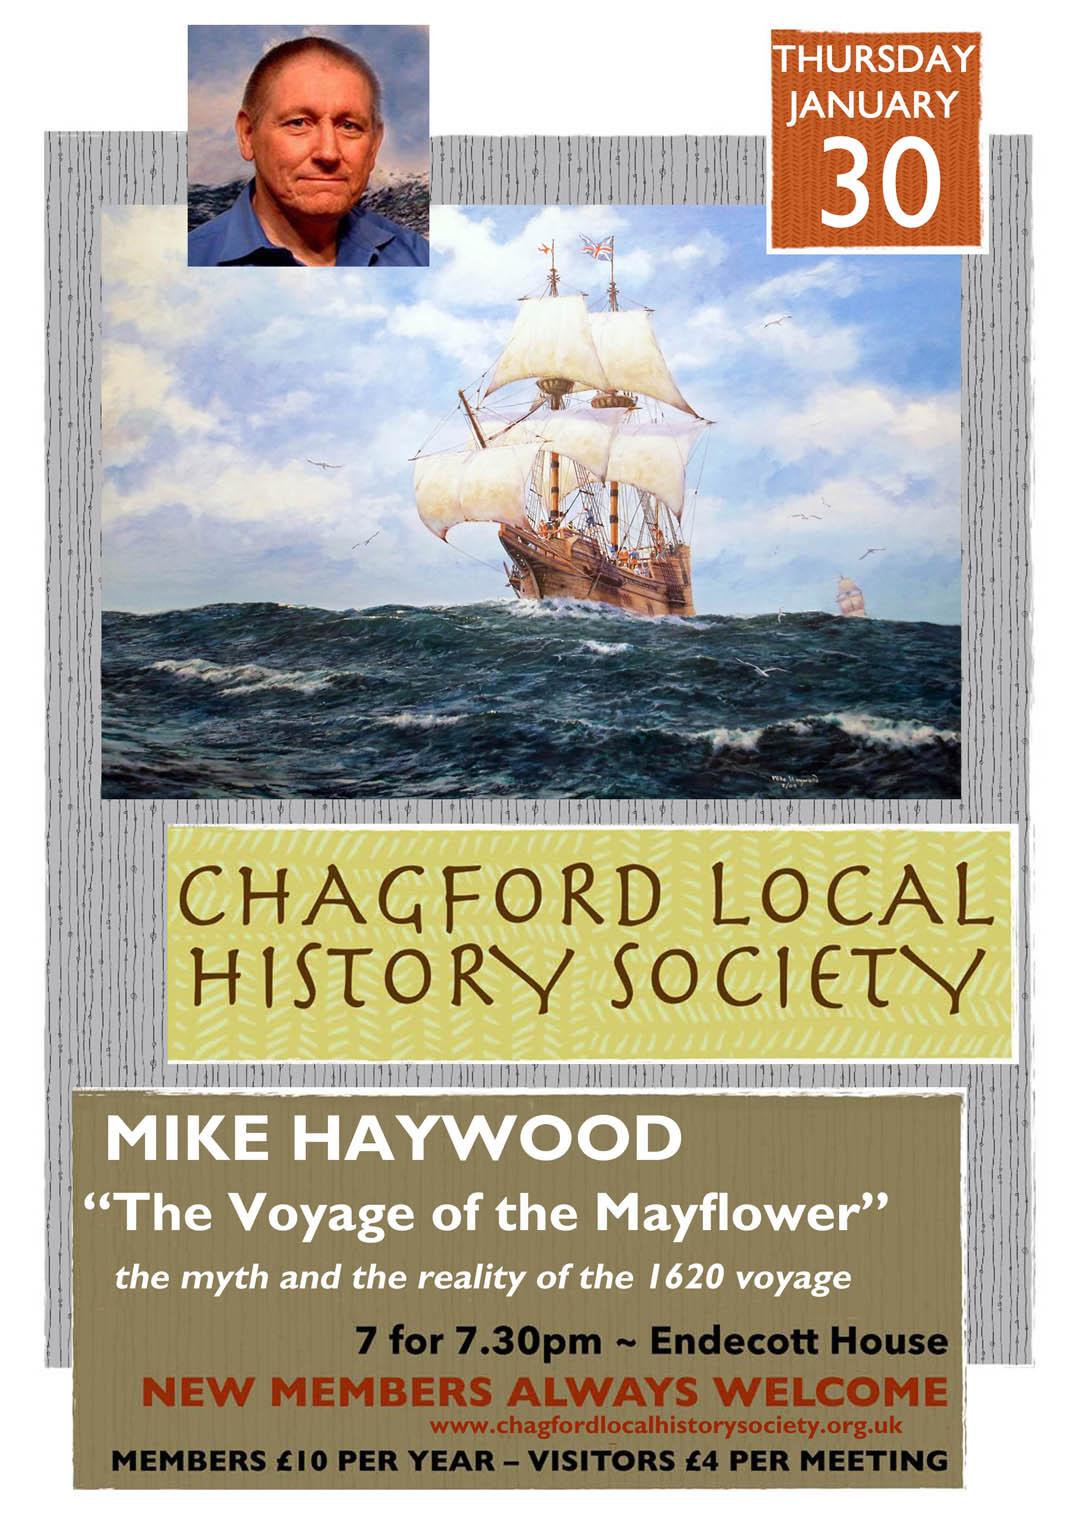 Mike Haywood talk 30 January 2020